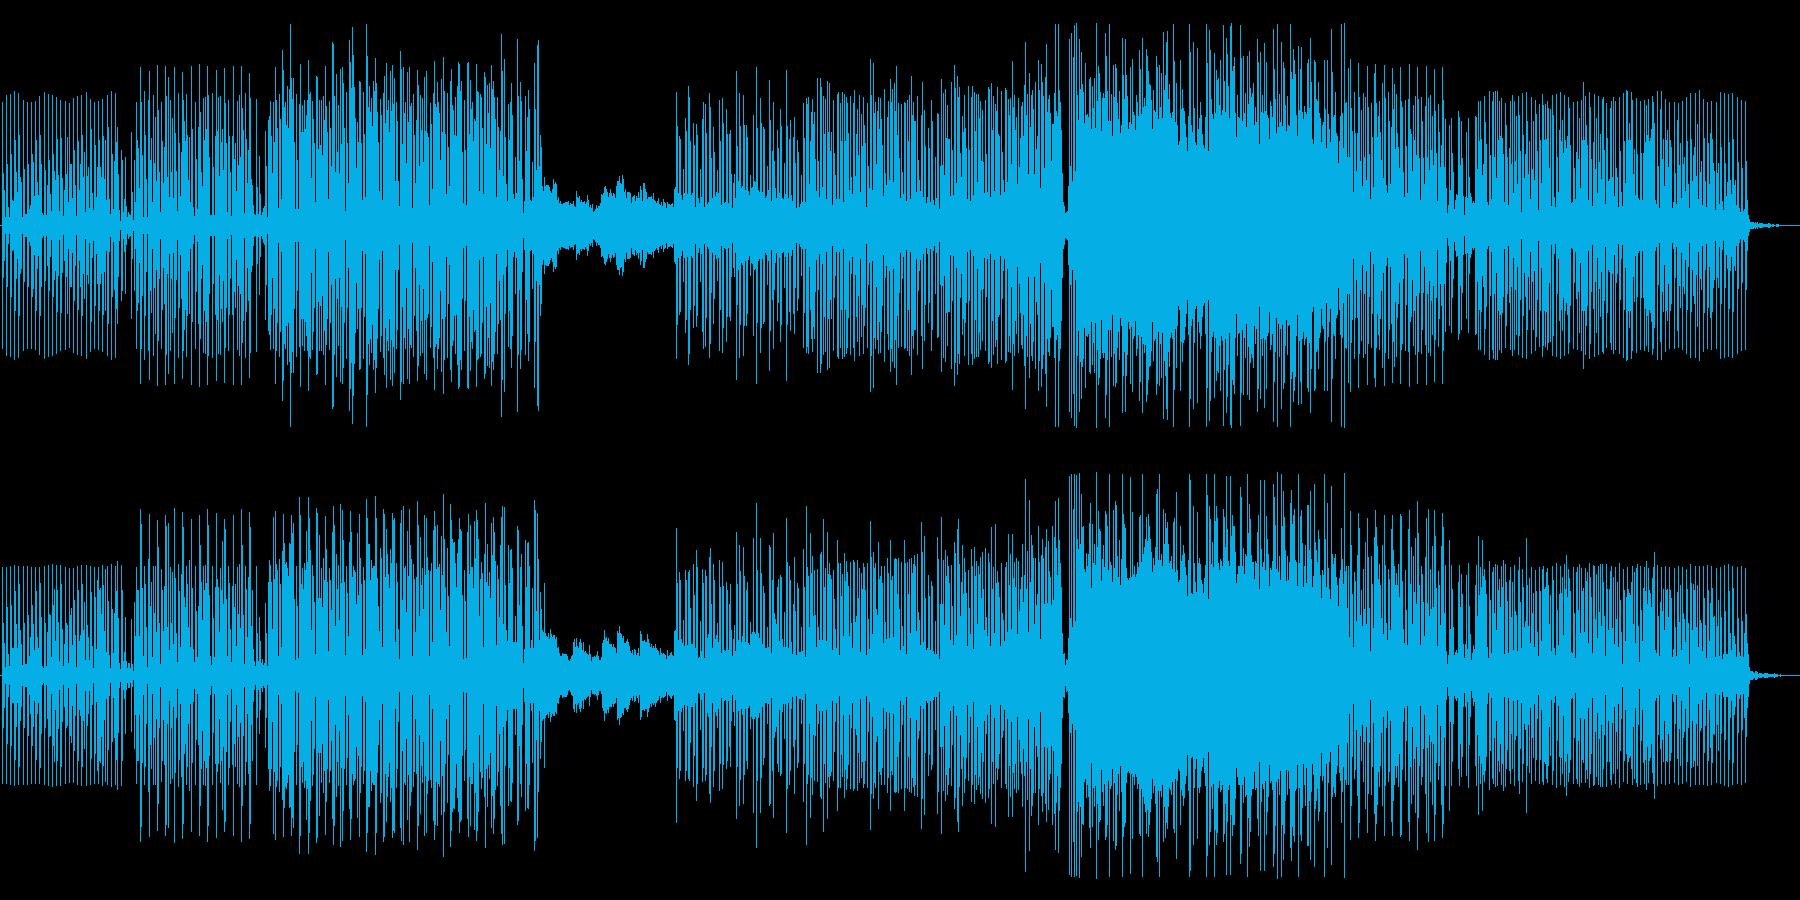 夜の余韻・朝焼けイメージの綺麗系BGMの再生済みの波形